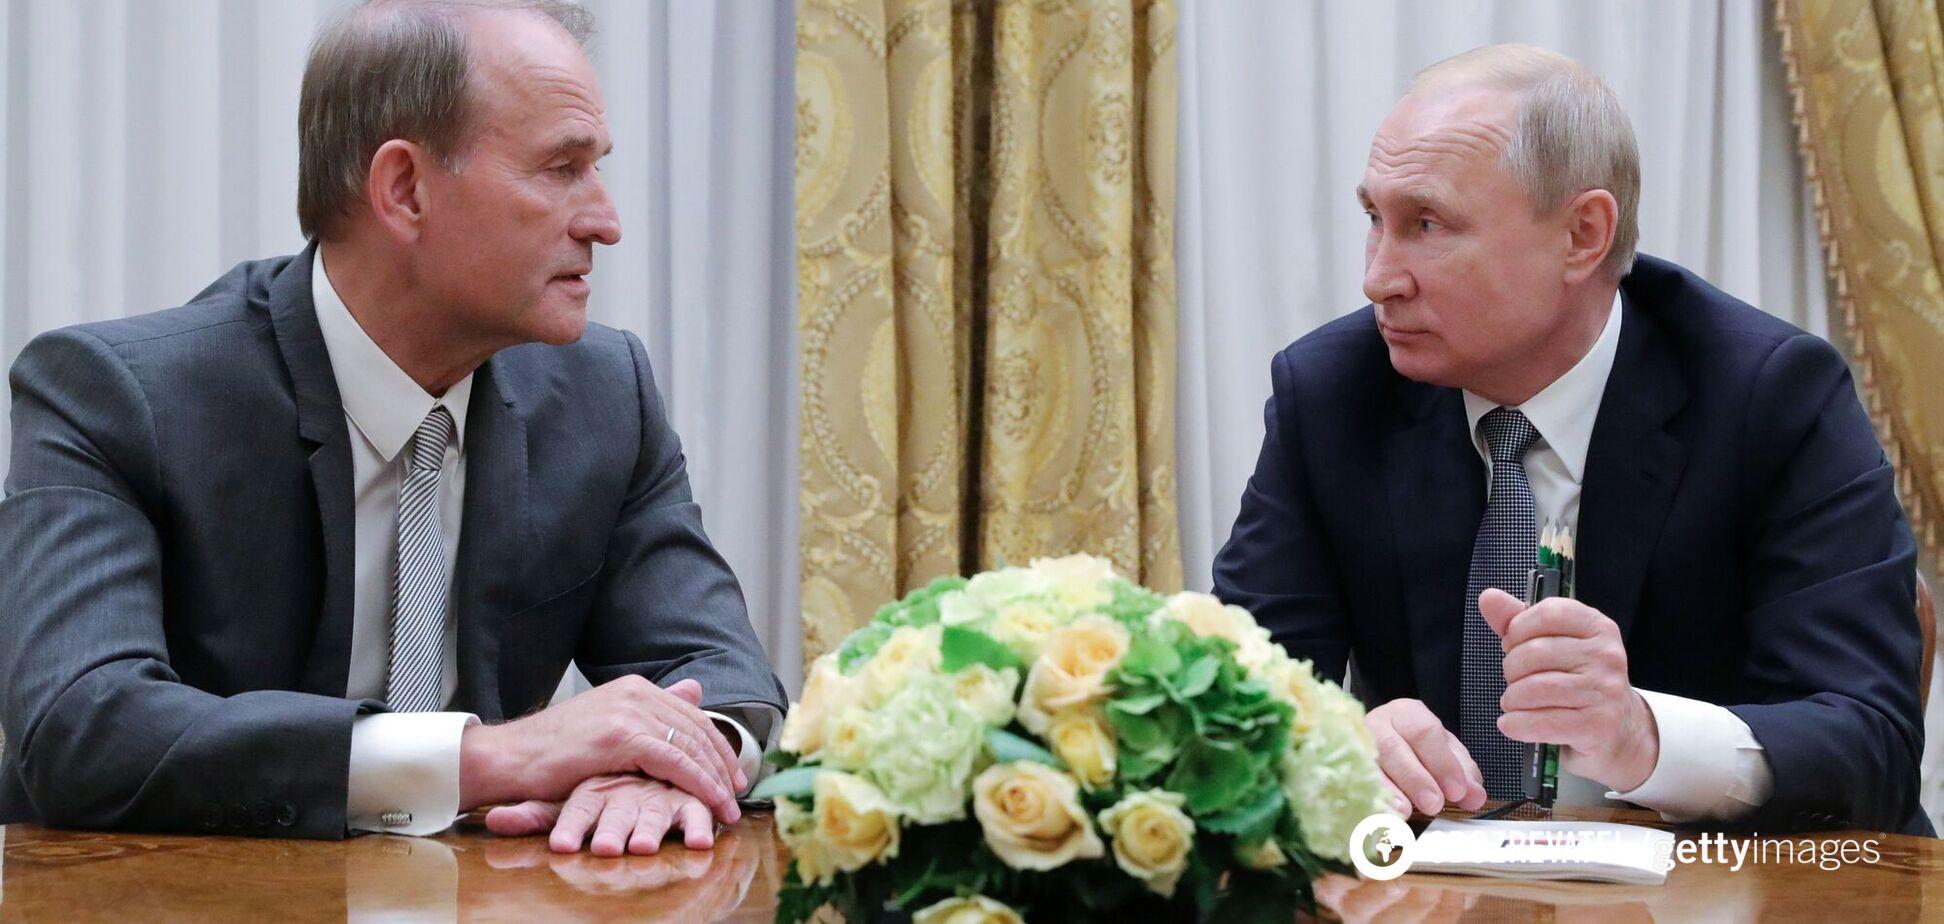 Новости Украины: вскрылась роль Медведчука в плане Путина, а перенос праздников захотели отменить